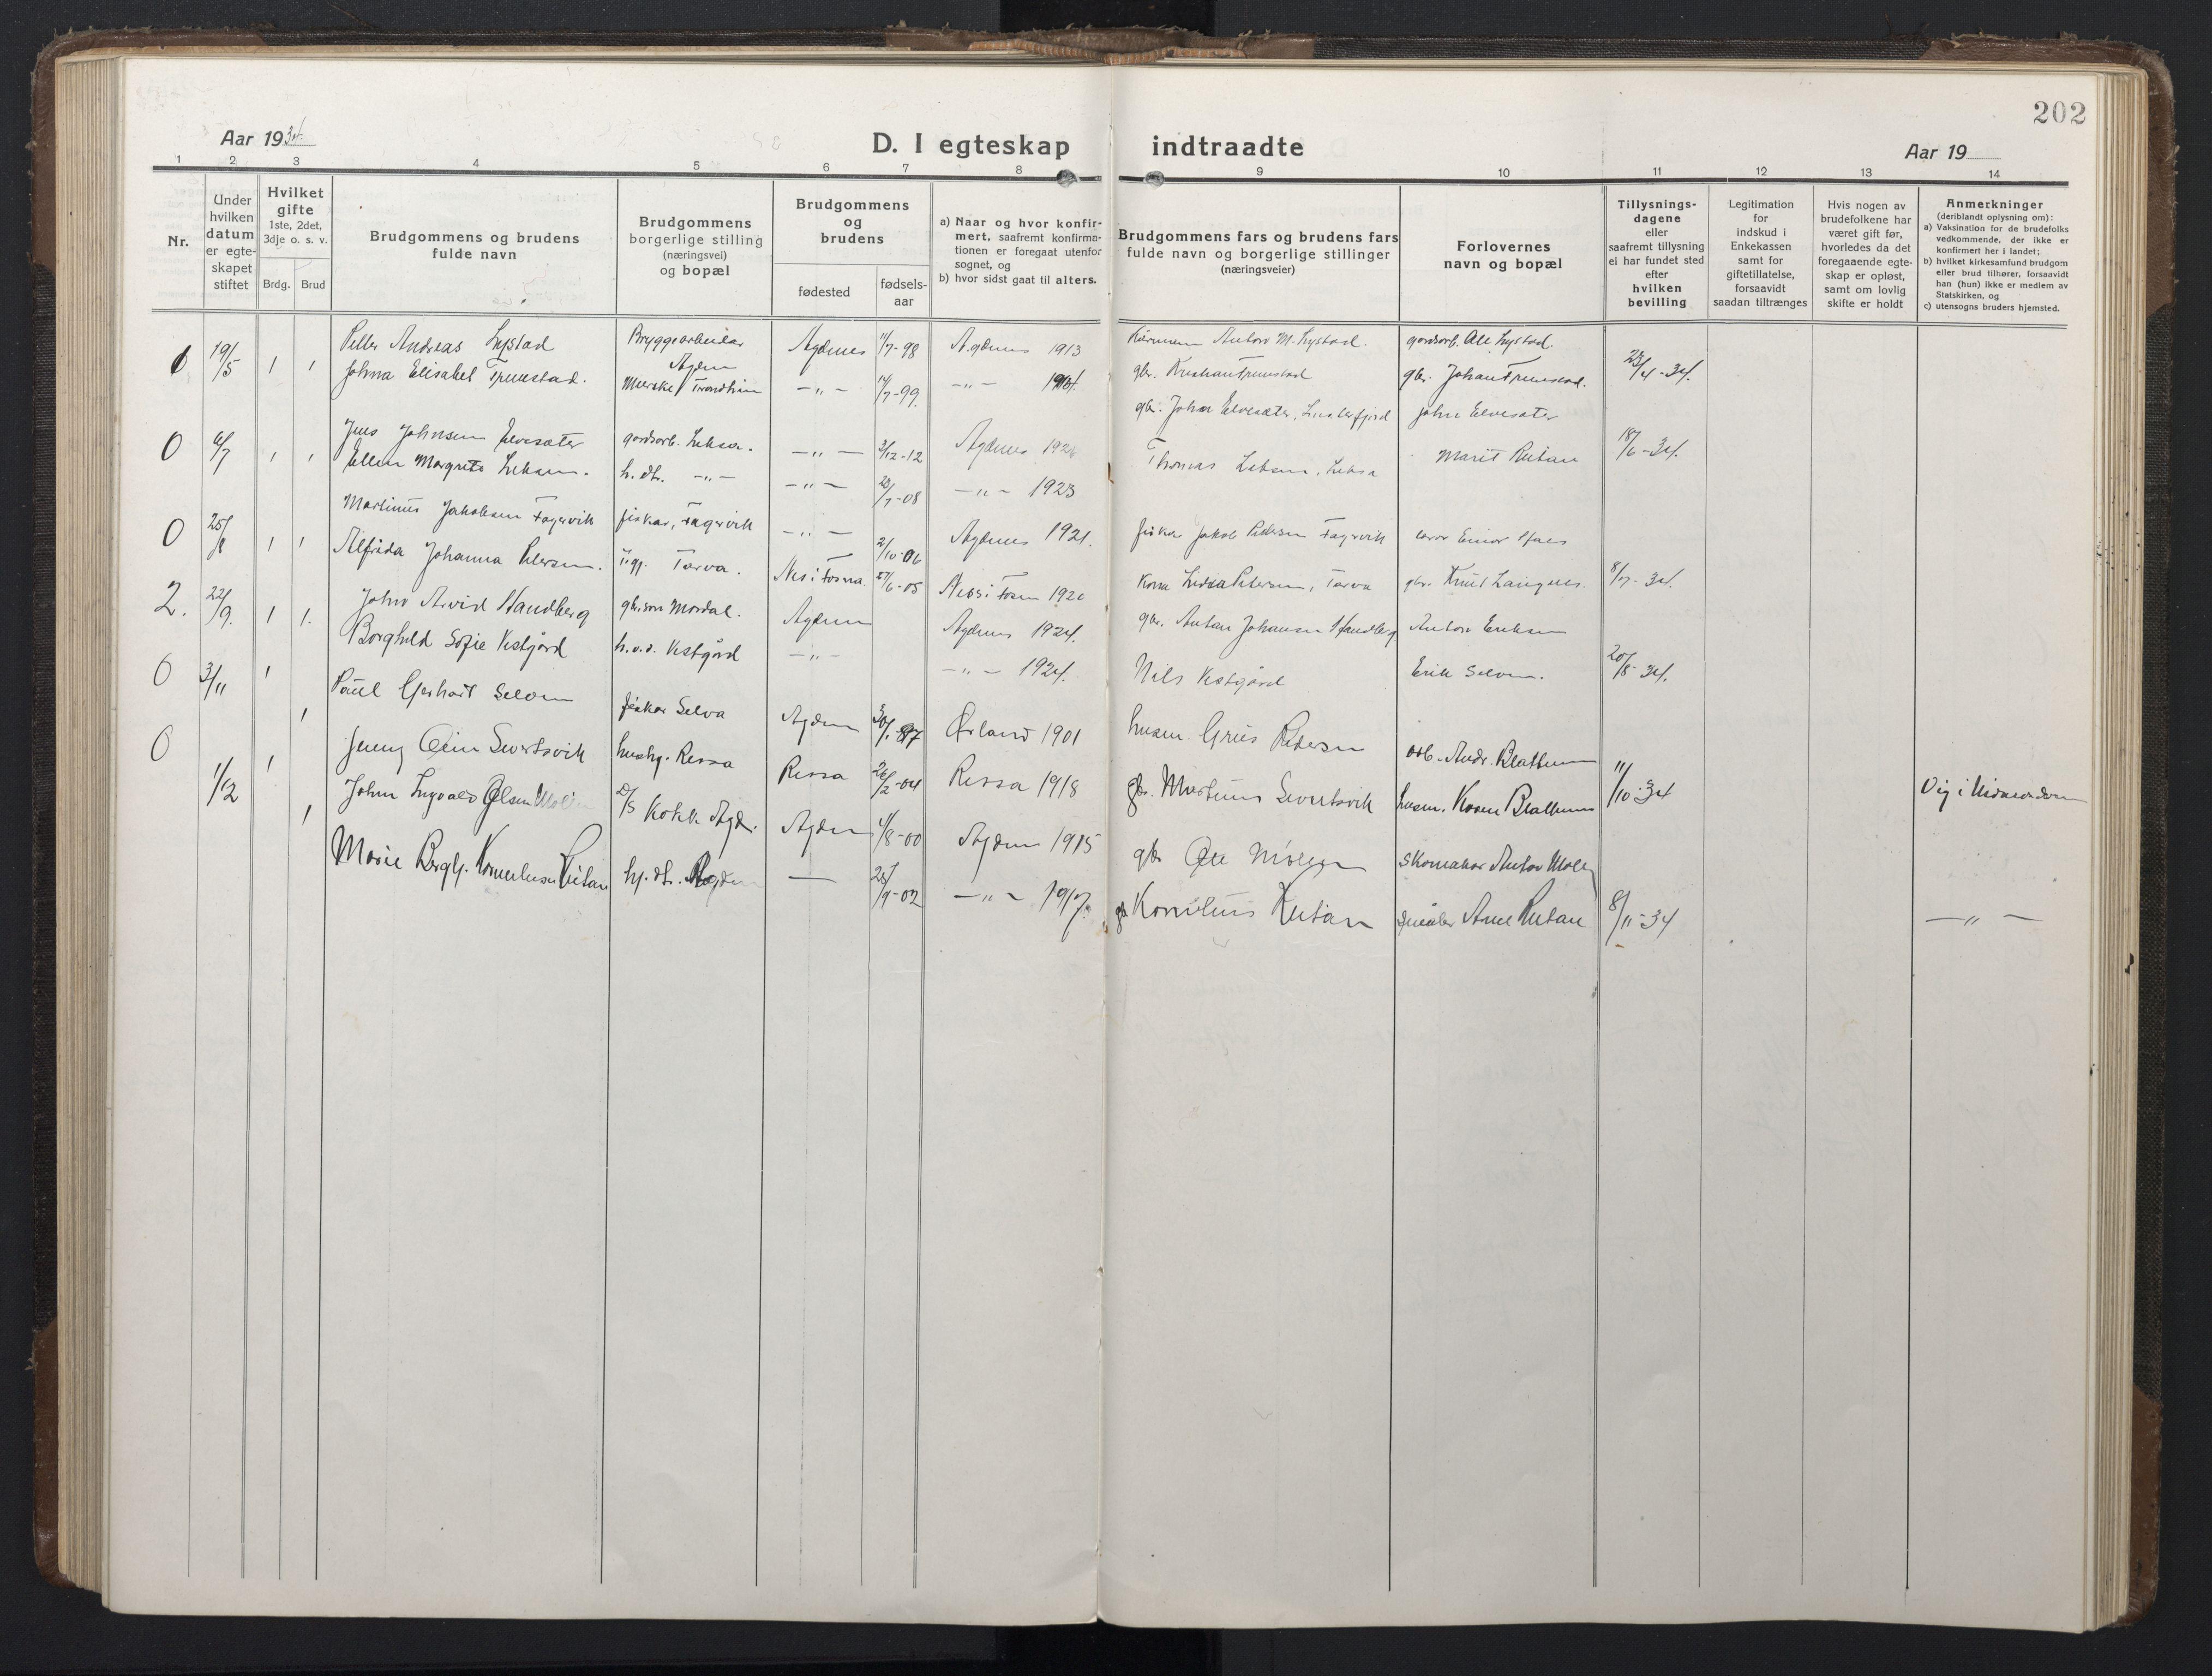 SAT, Ministerialprotokoller, klokkerbøker og fødselsregistre - Sør-Trøndelag, 662/L0758: Klokkerbok nr. 662C03, 1918-1948, s. 202